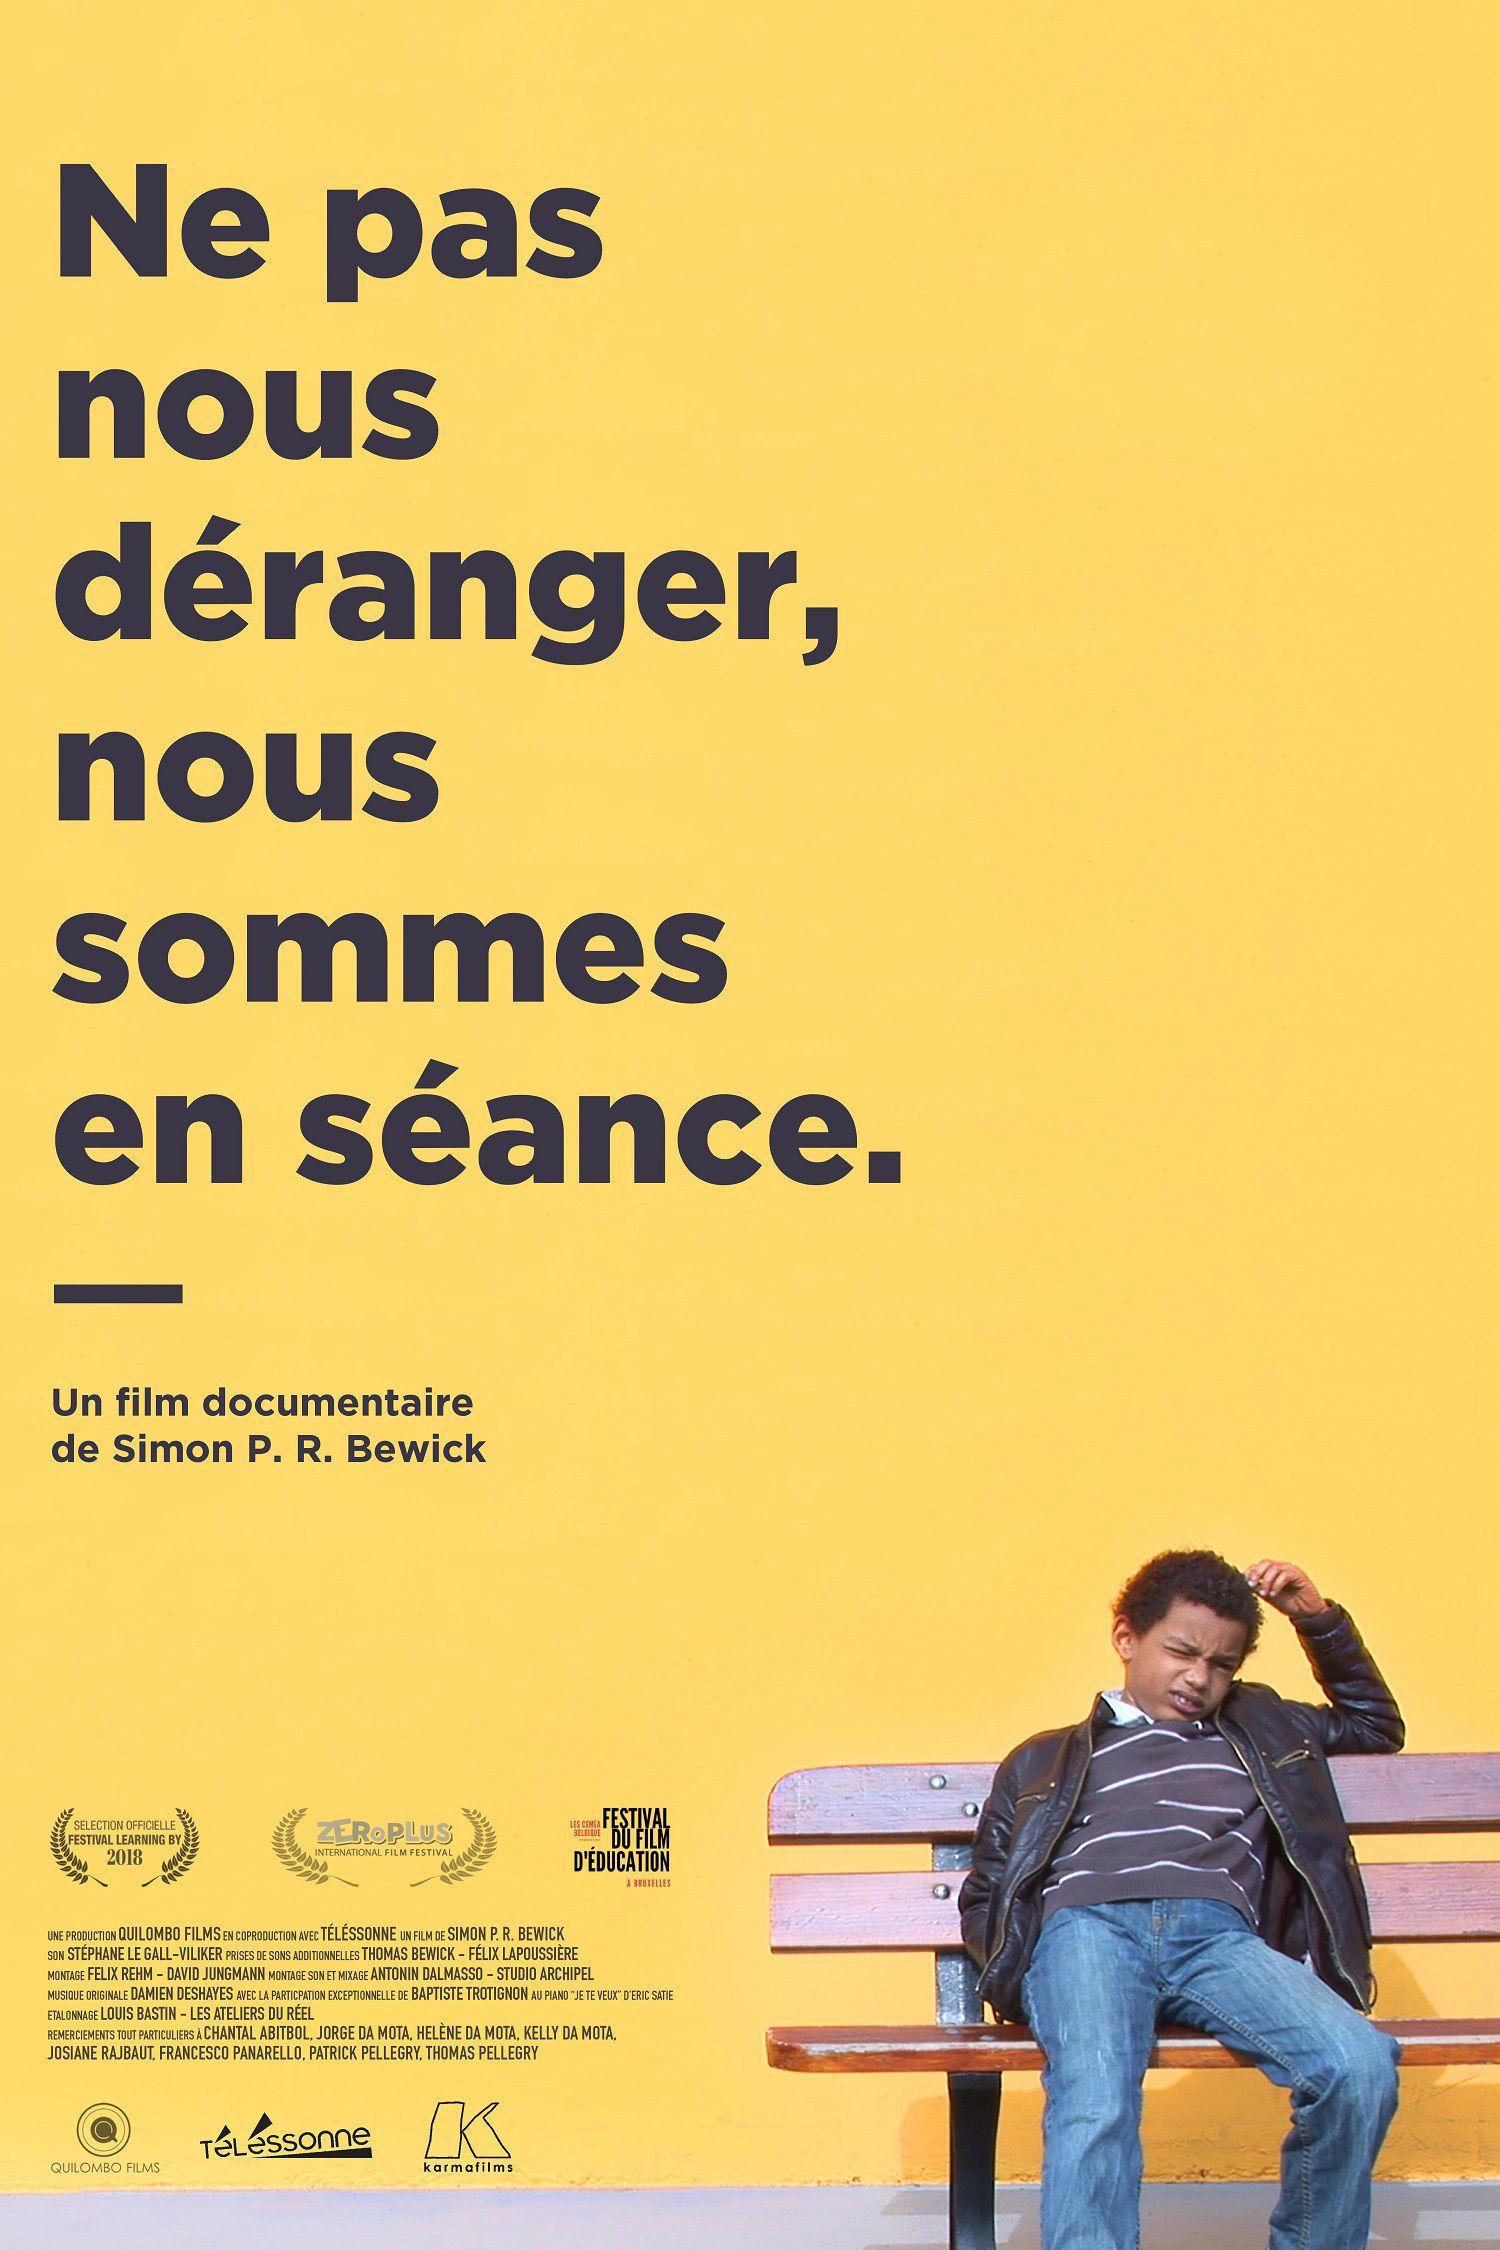 Ne pas nous déranger, nous sommes en séance - Documentaire (2015)